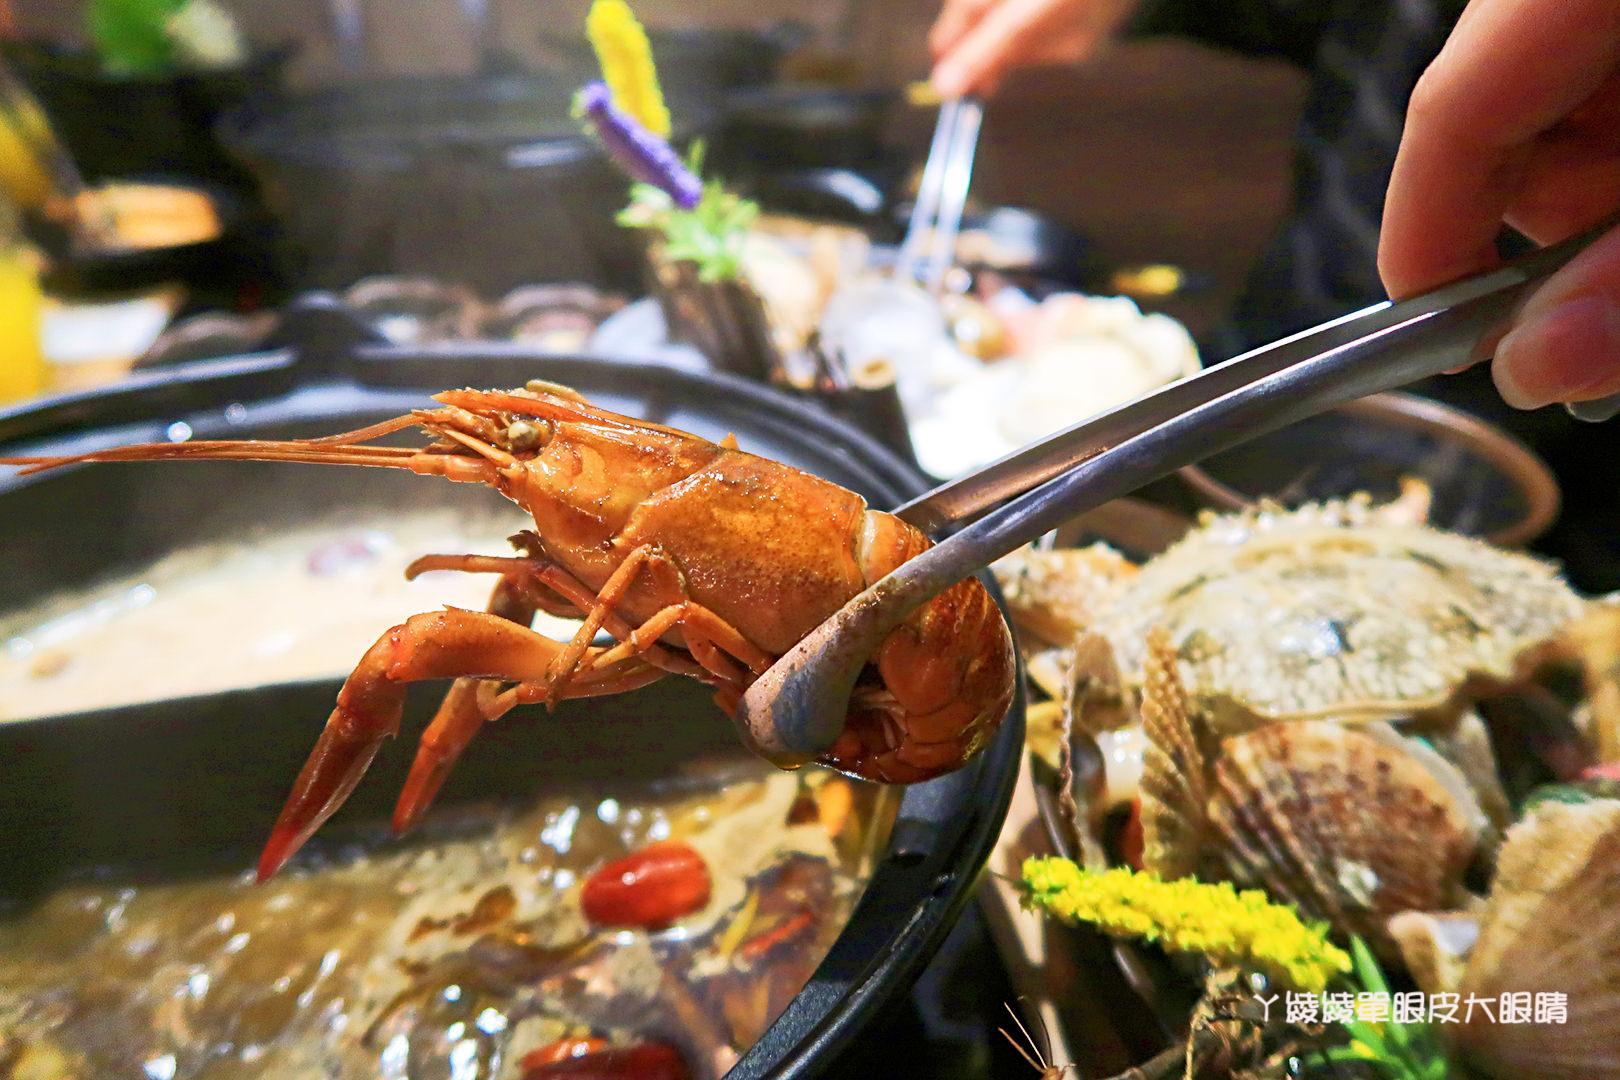 新竹火鍋推薦極鼎鮮鍋物!活跳跳的波士頓龍蝦自己撈,大肉盤吃到不要不要,巨城附近東大路火鍋(暫停營業)